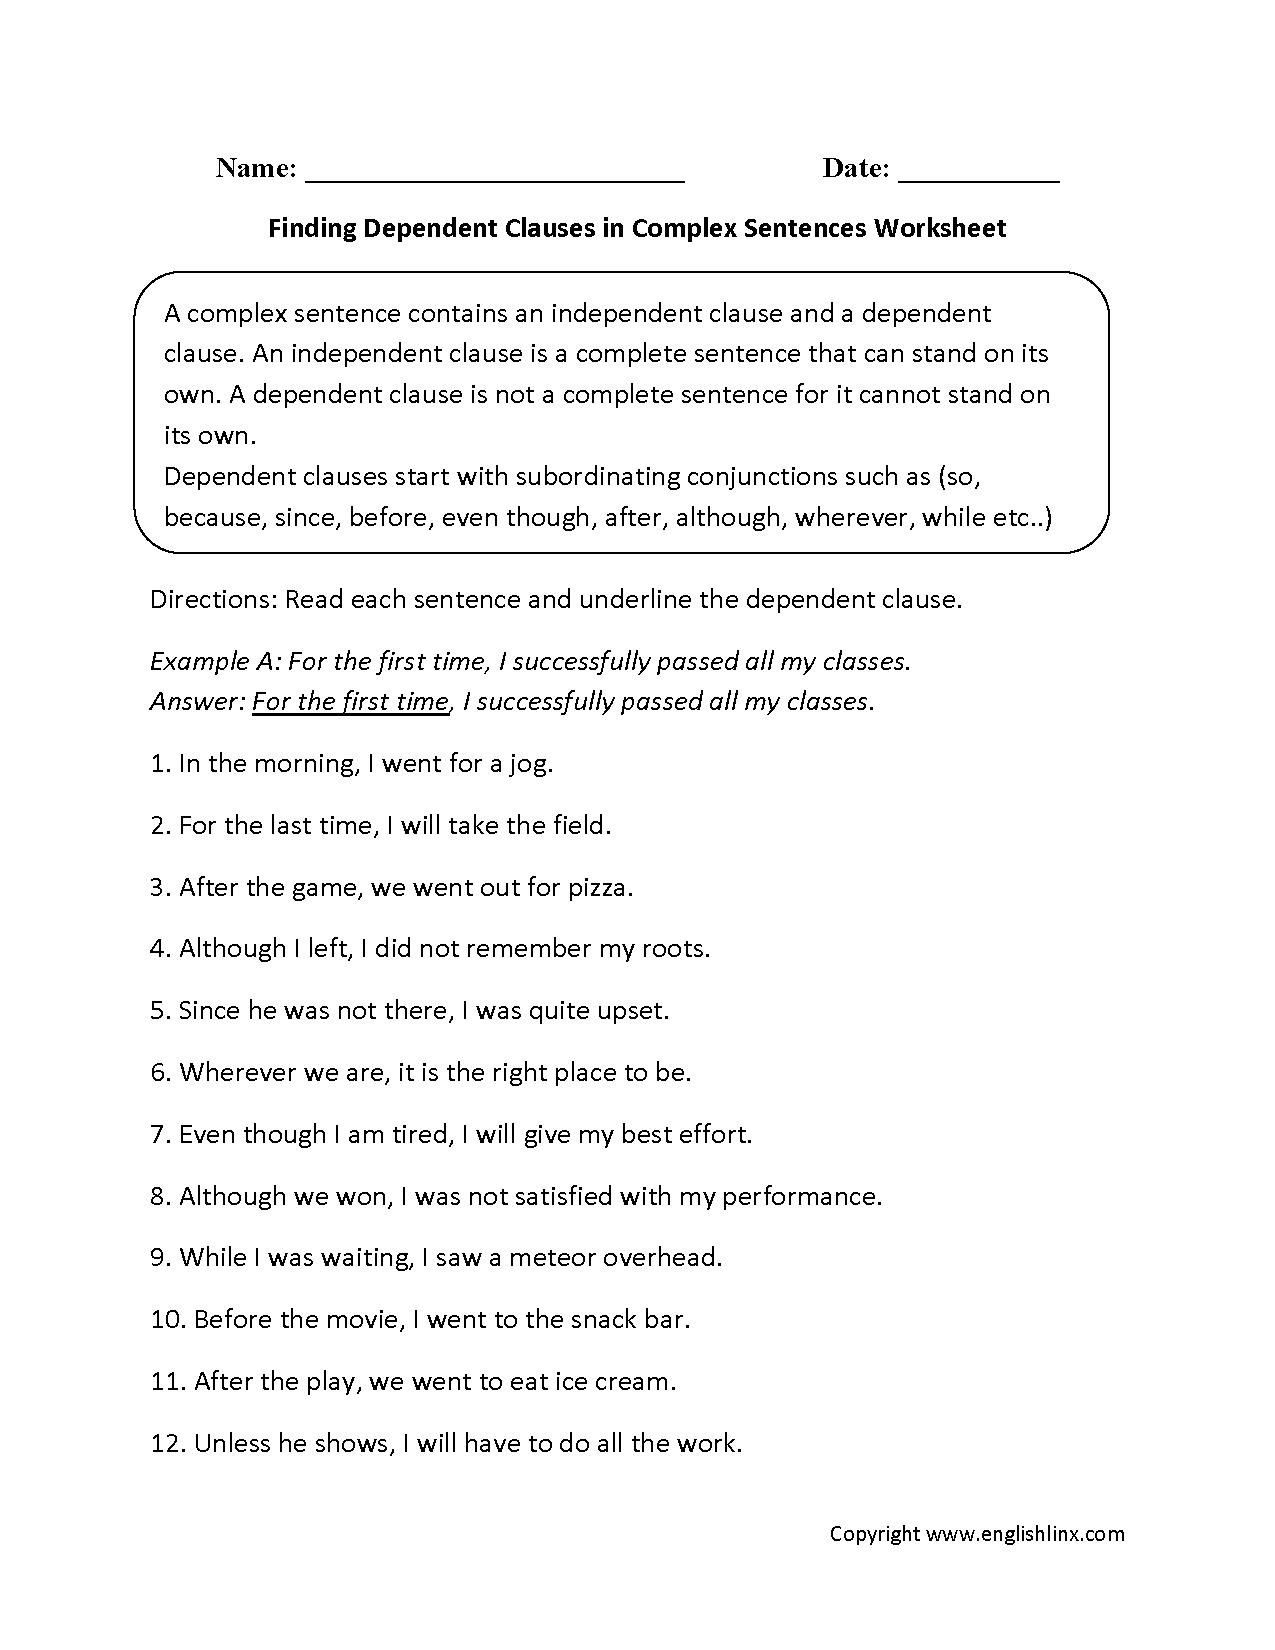 F D G Dependent Cl Uses Plex Sentences W Ksheets Gp Rr O